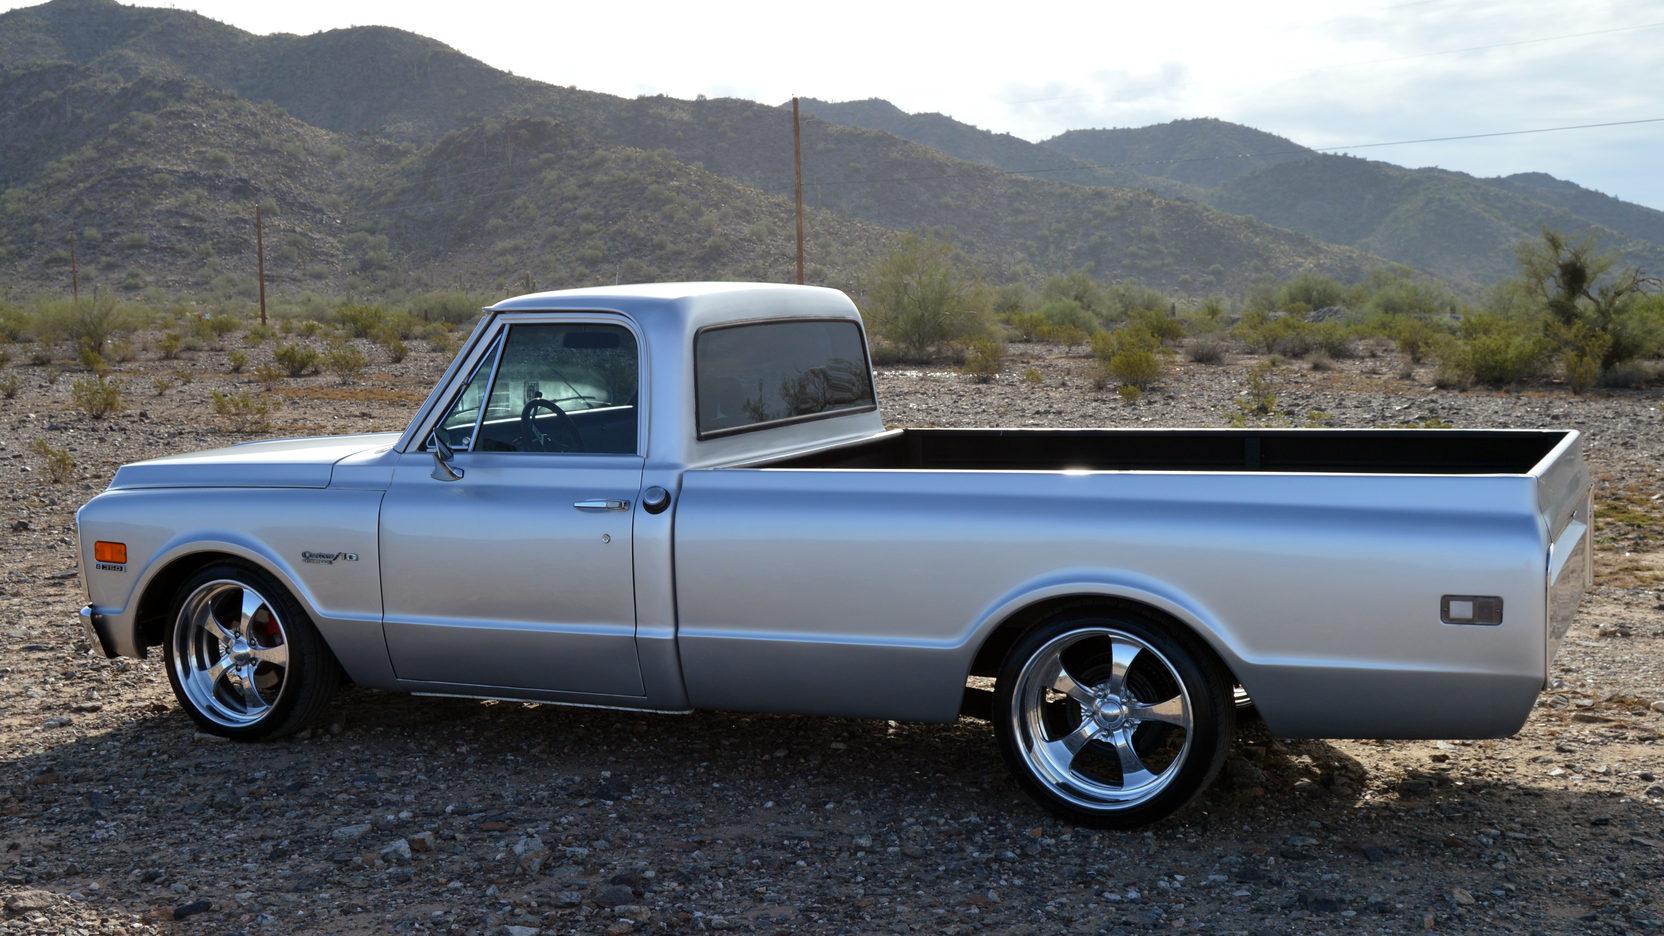 hight resolution of 1971 chevrolet c10 custom deluxe pickup 2 full screen